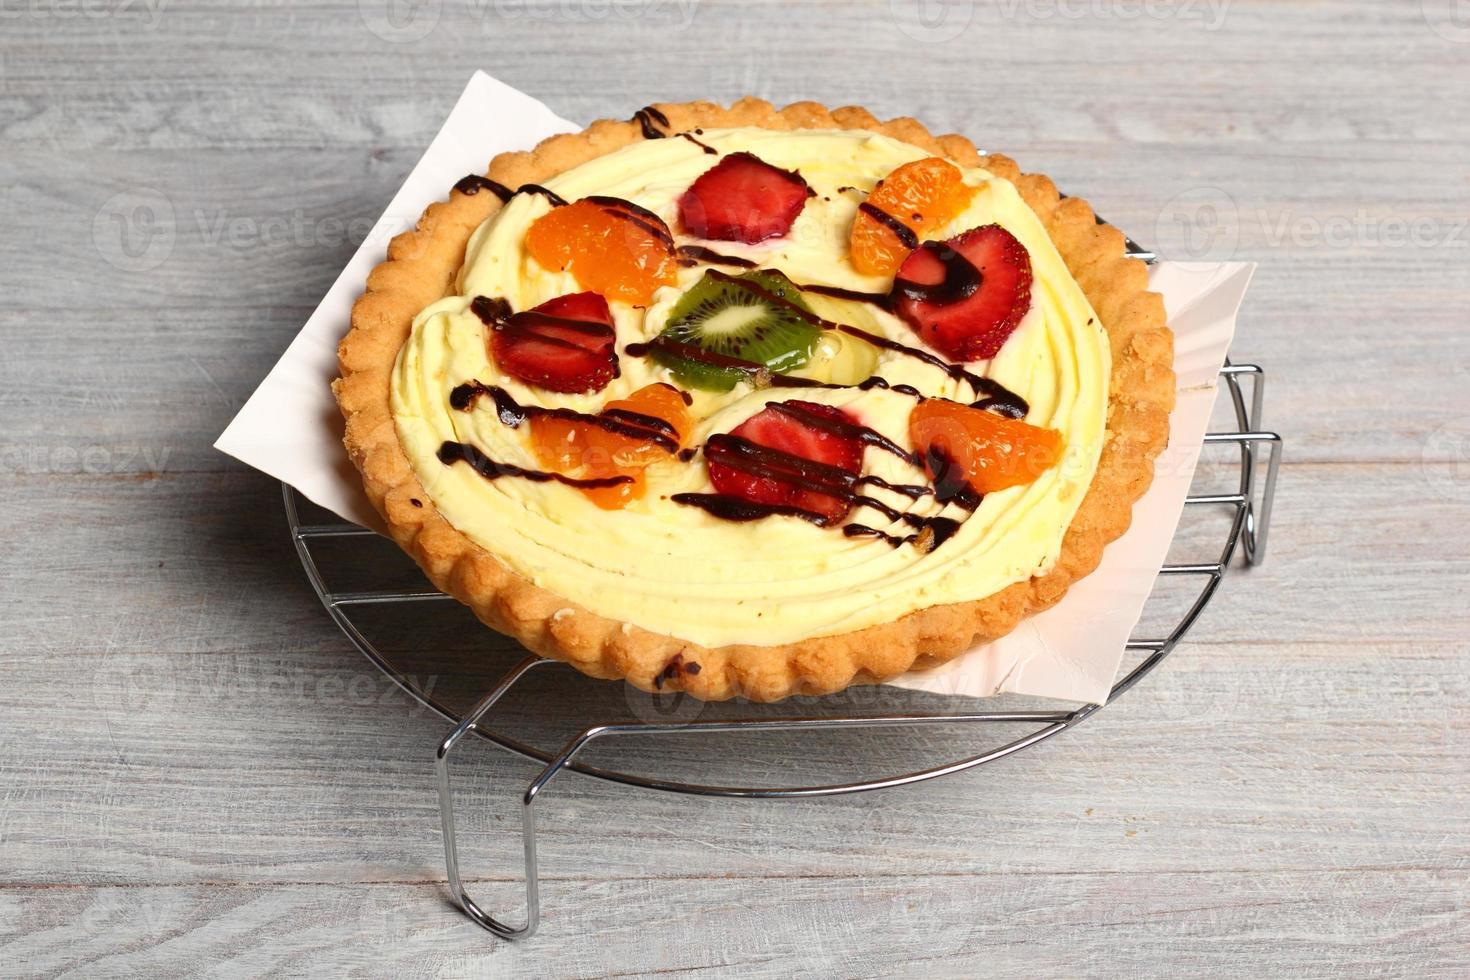 tarte aux fruits avec crème pâtissière photo